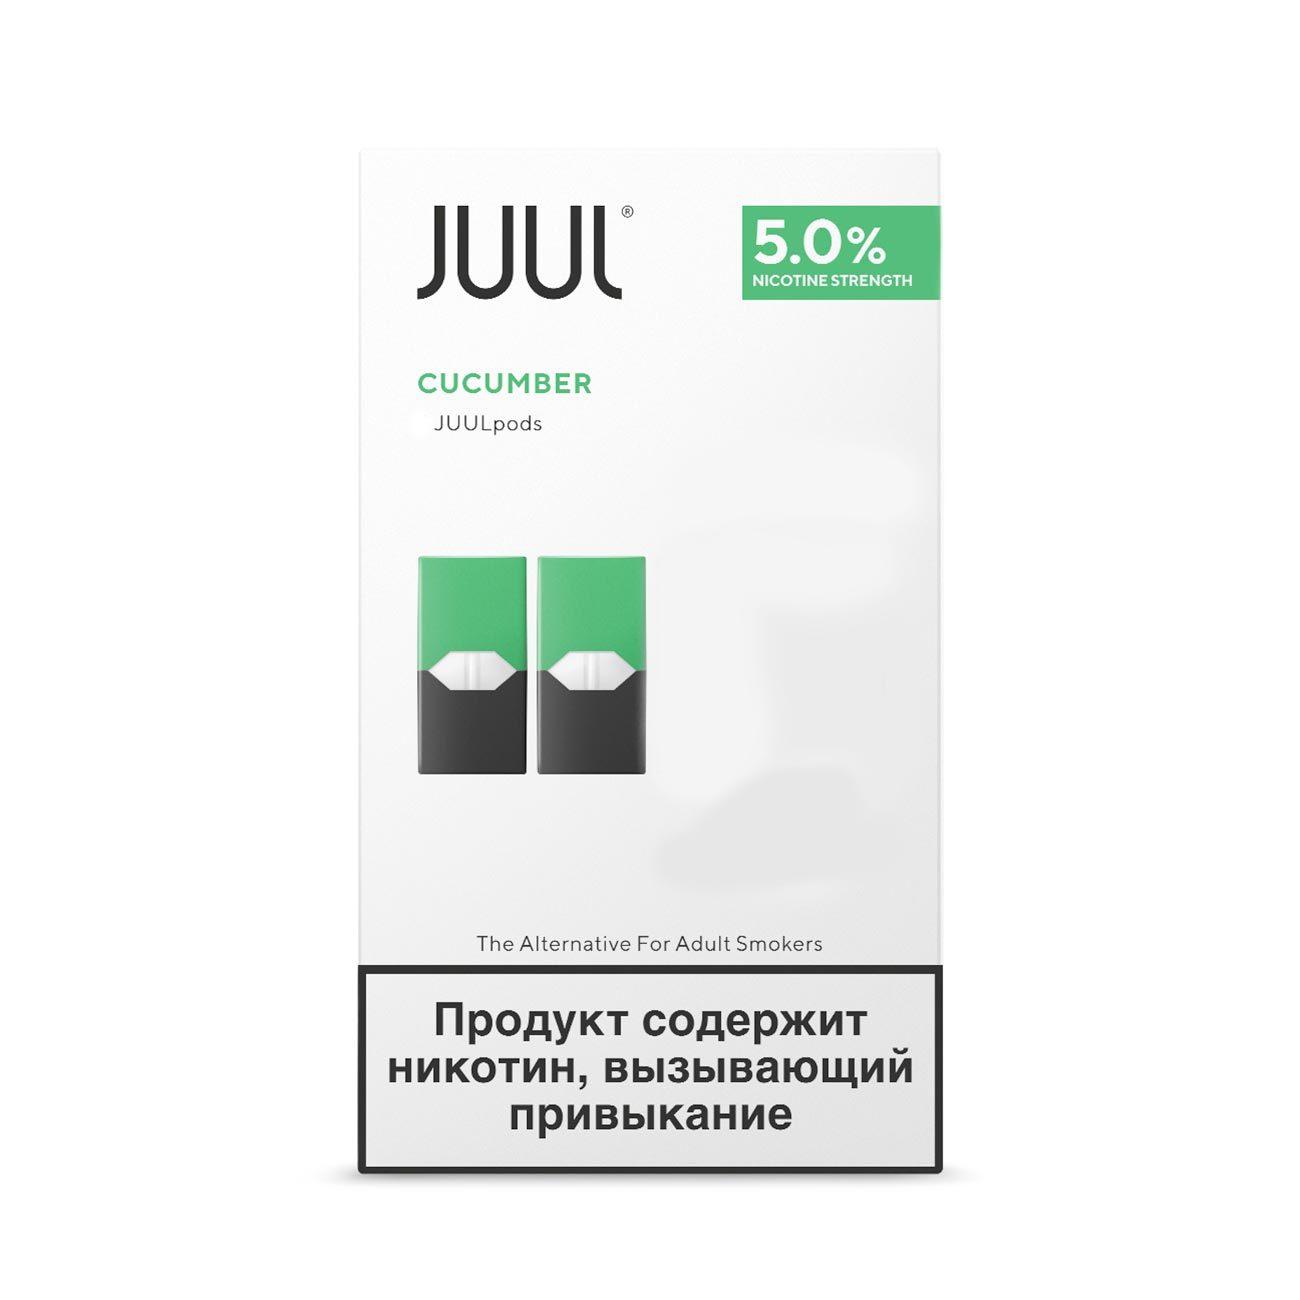 Сменный Картридж для JUUL. ДЖУЛ Огурец х2, 0,7 мл 50 мг